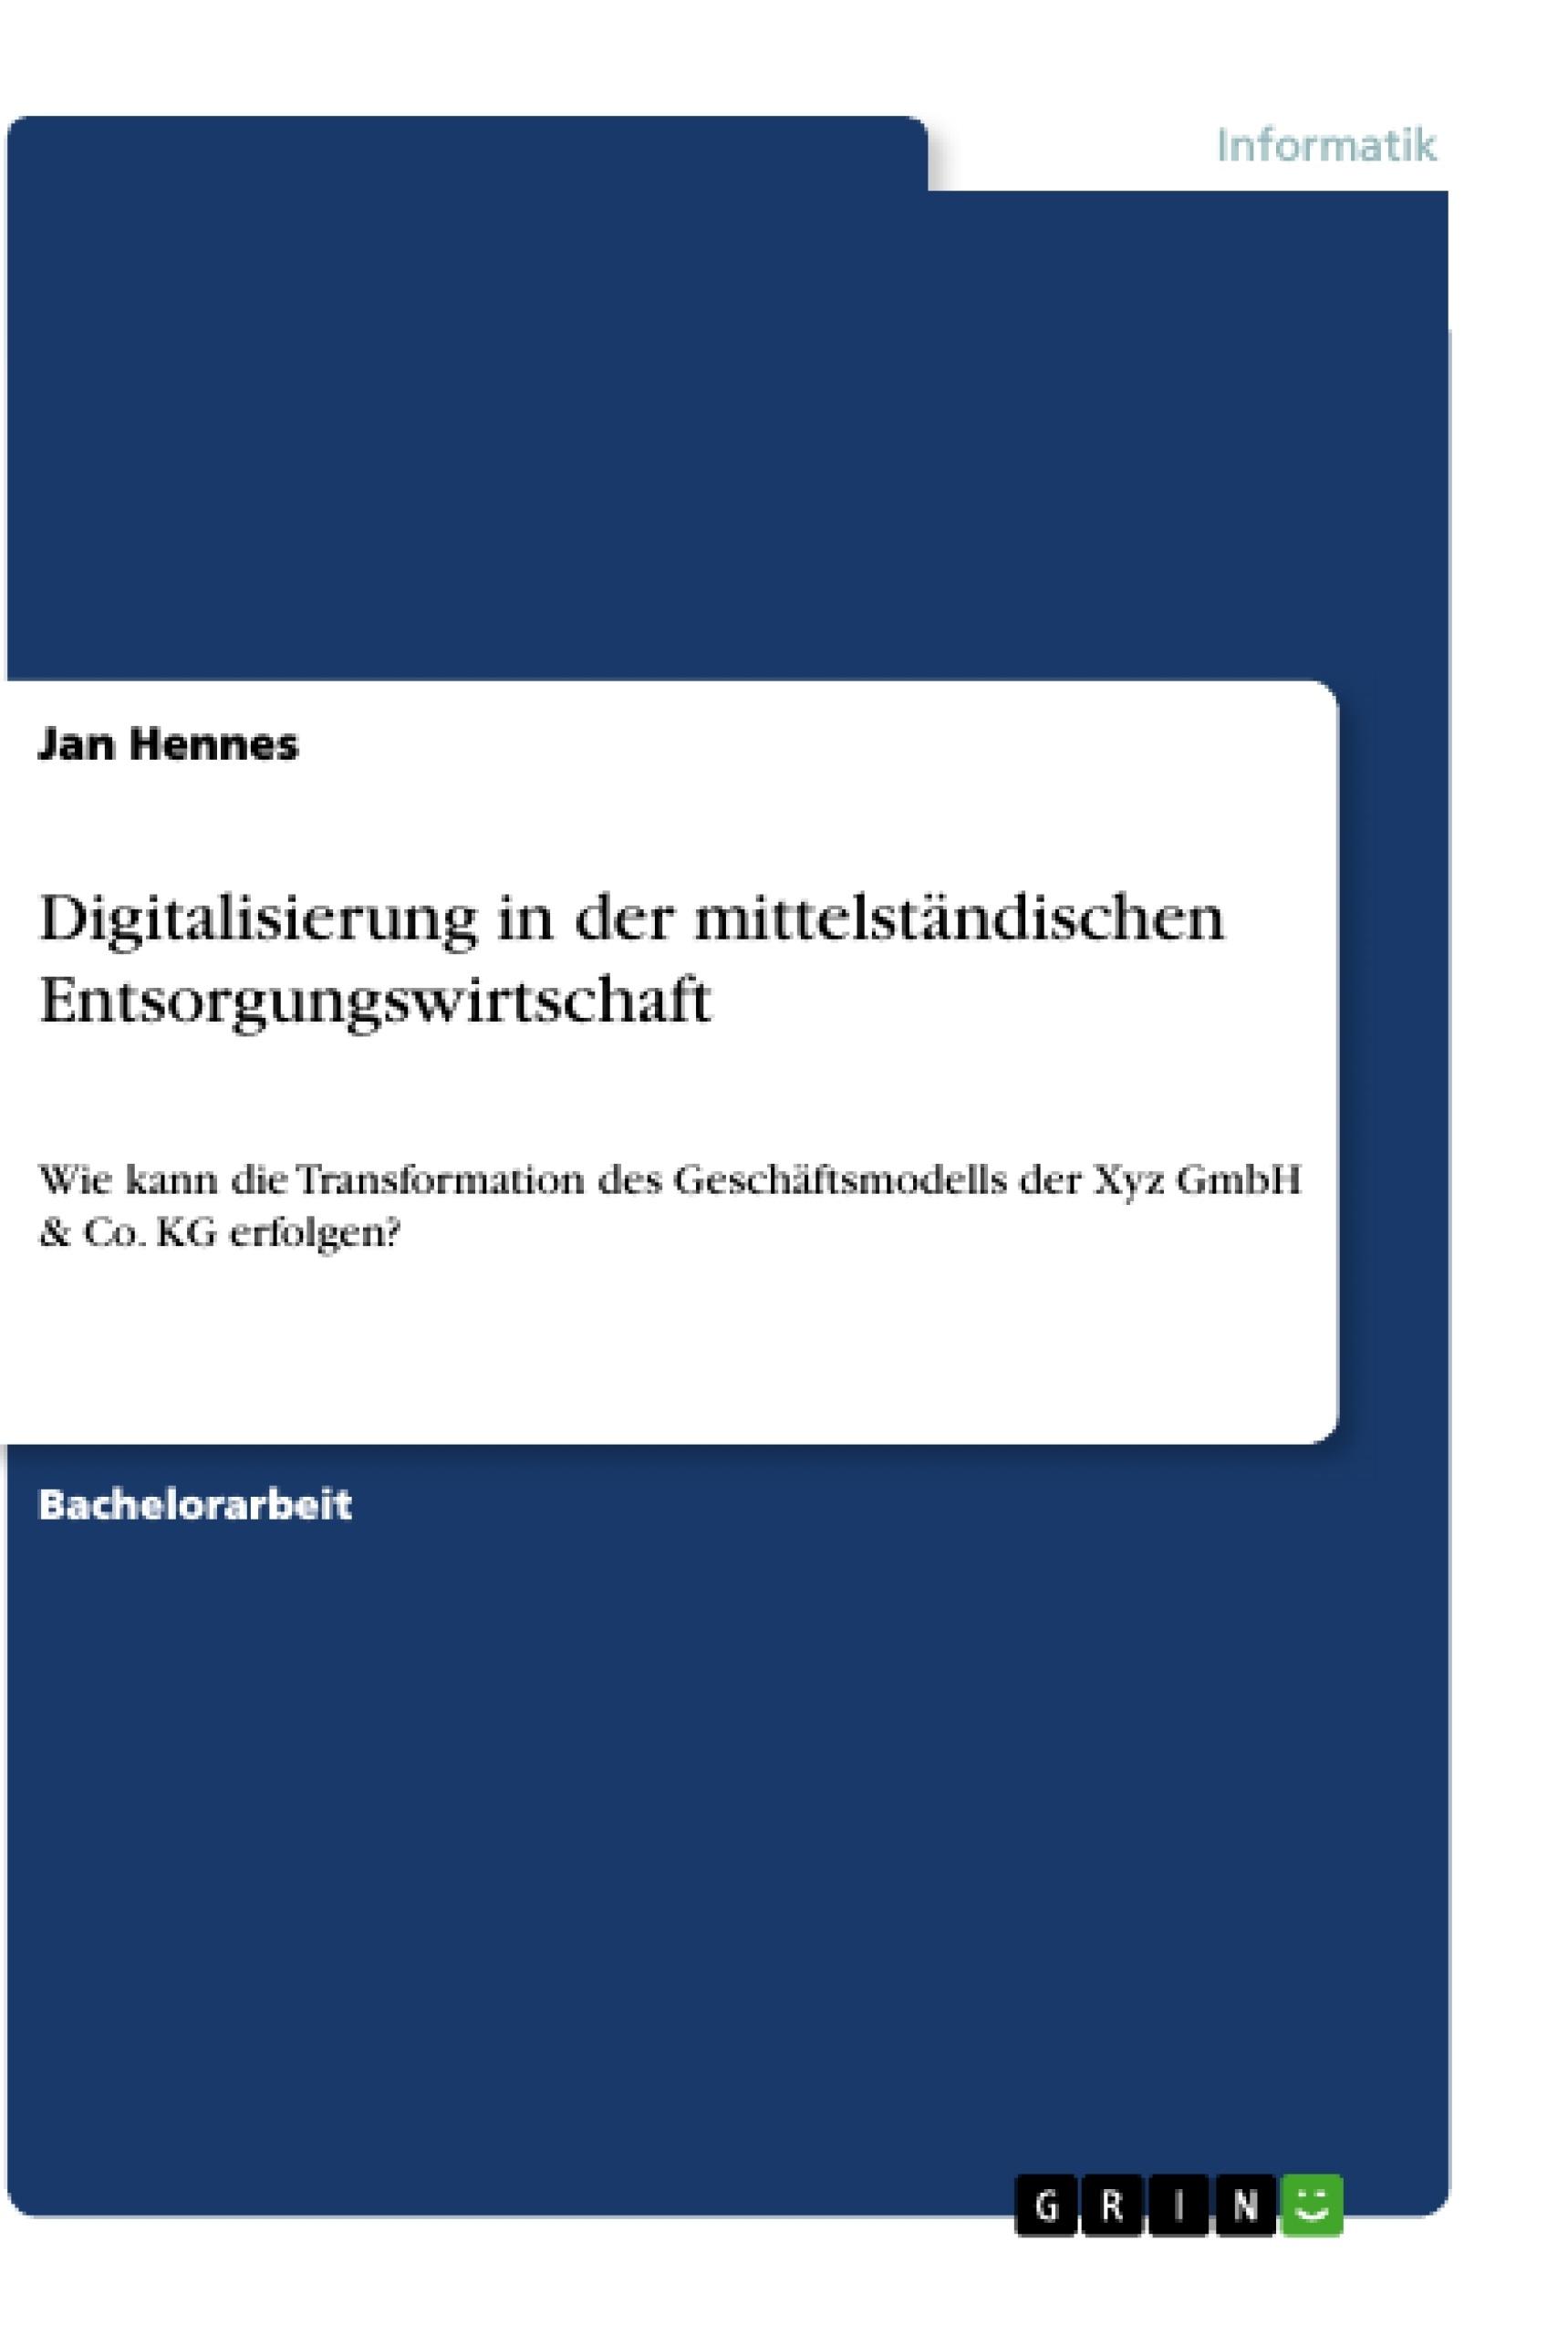 Titel: Digitalisierung in der mittelständischen Entsorgungswirtschaft